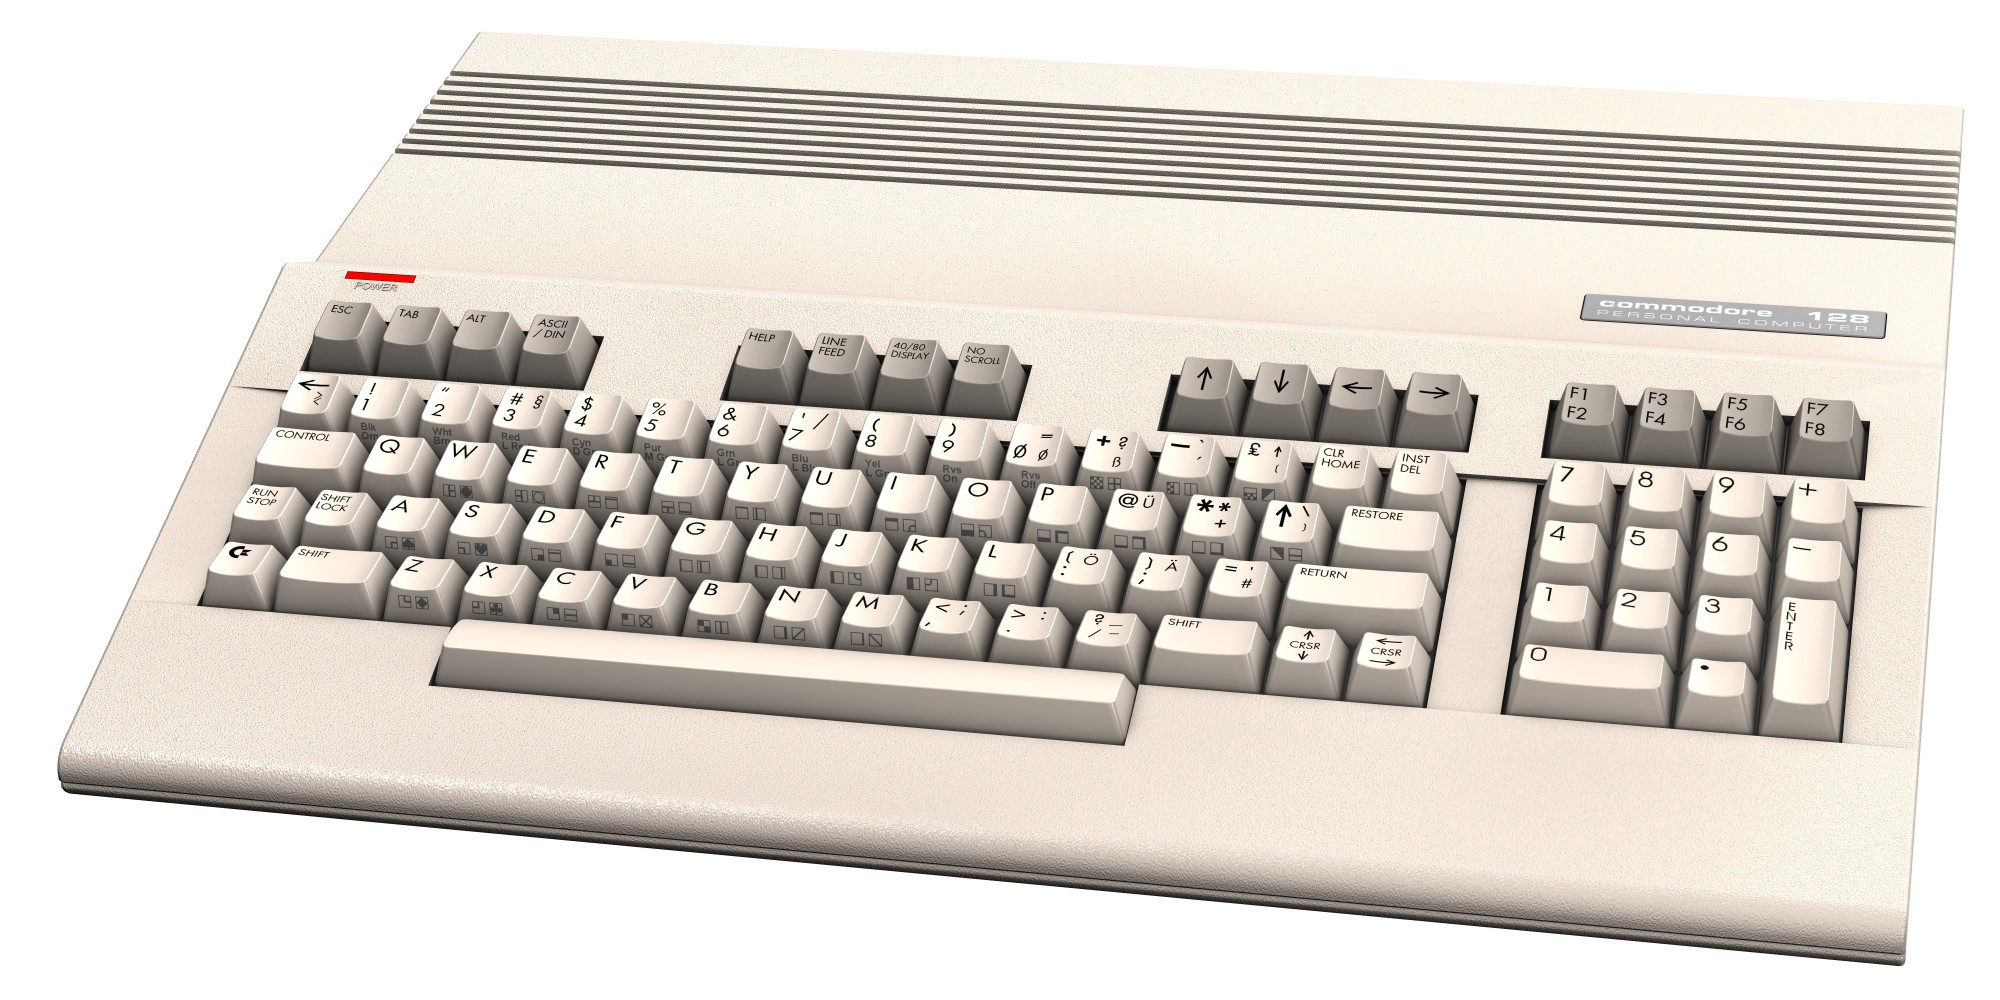 CCOM - Commodore 128